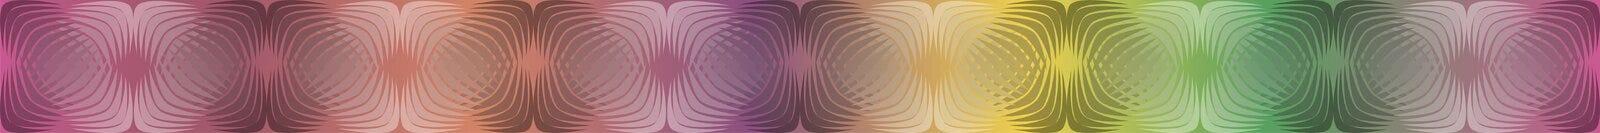 Geometrische patronen met gradiëntvulling 10 Royalty-vrije Stock Fotografie